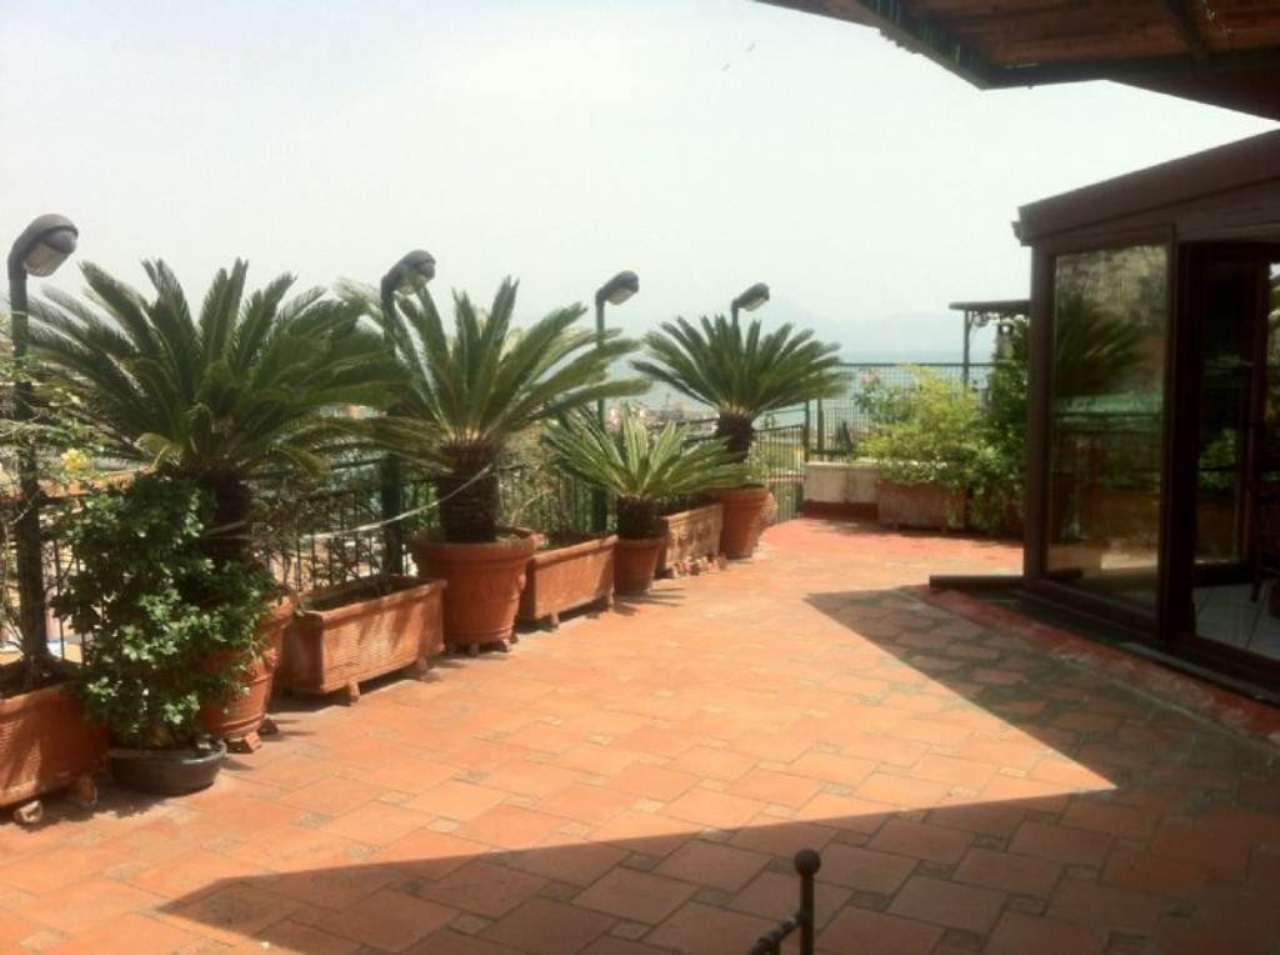 Attico / Mansarda in vendita a Napoli, 5 locali, zona Zona: 1 . Chiaia, Posillipo, San Ferdinando, prezzo € 850.000 | Cambio Casa.it